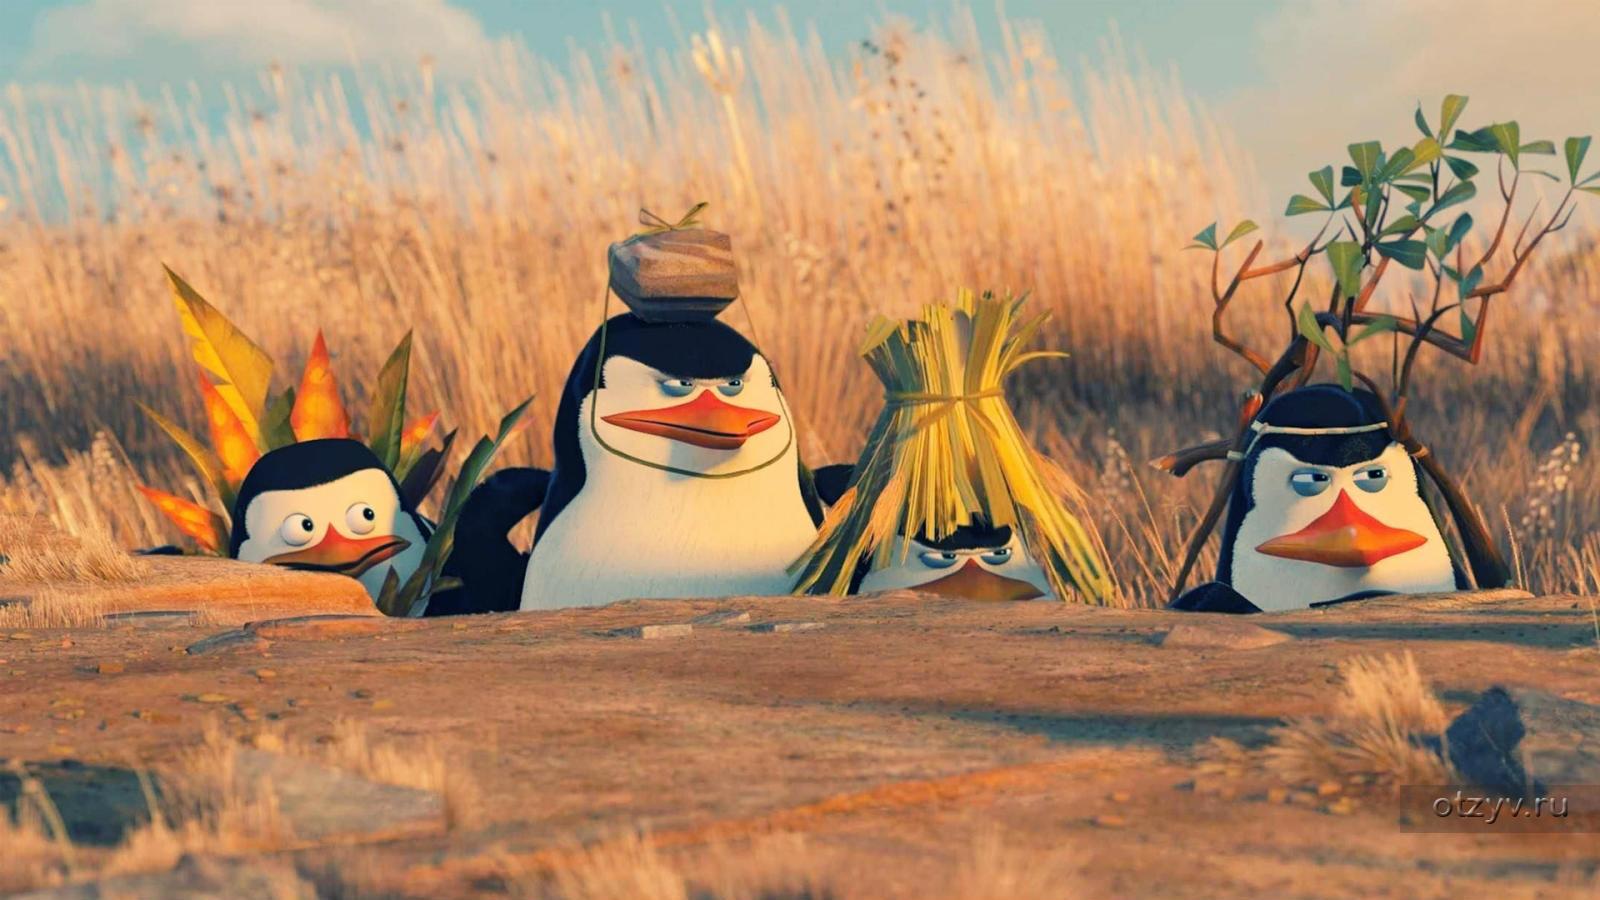 Пингвины из Мадагаскар